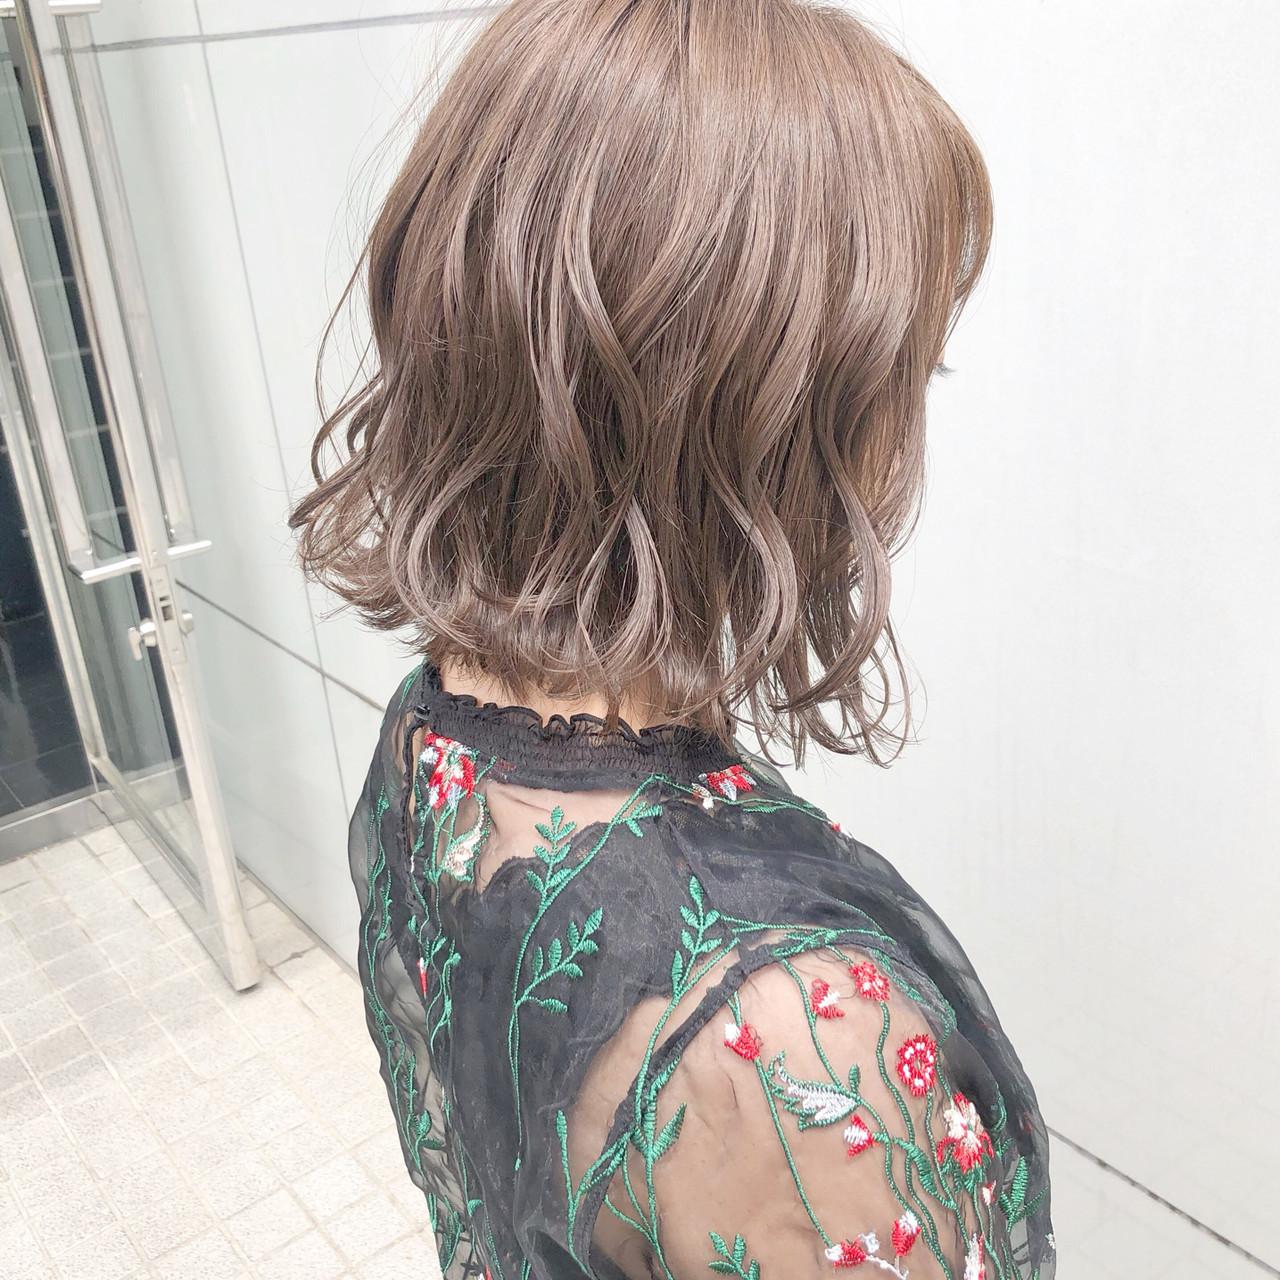 ナチュラル 簡単ヘアアレンジ オフィス ヘアアレンジ ヘアスタイルや髪型の写真・画像